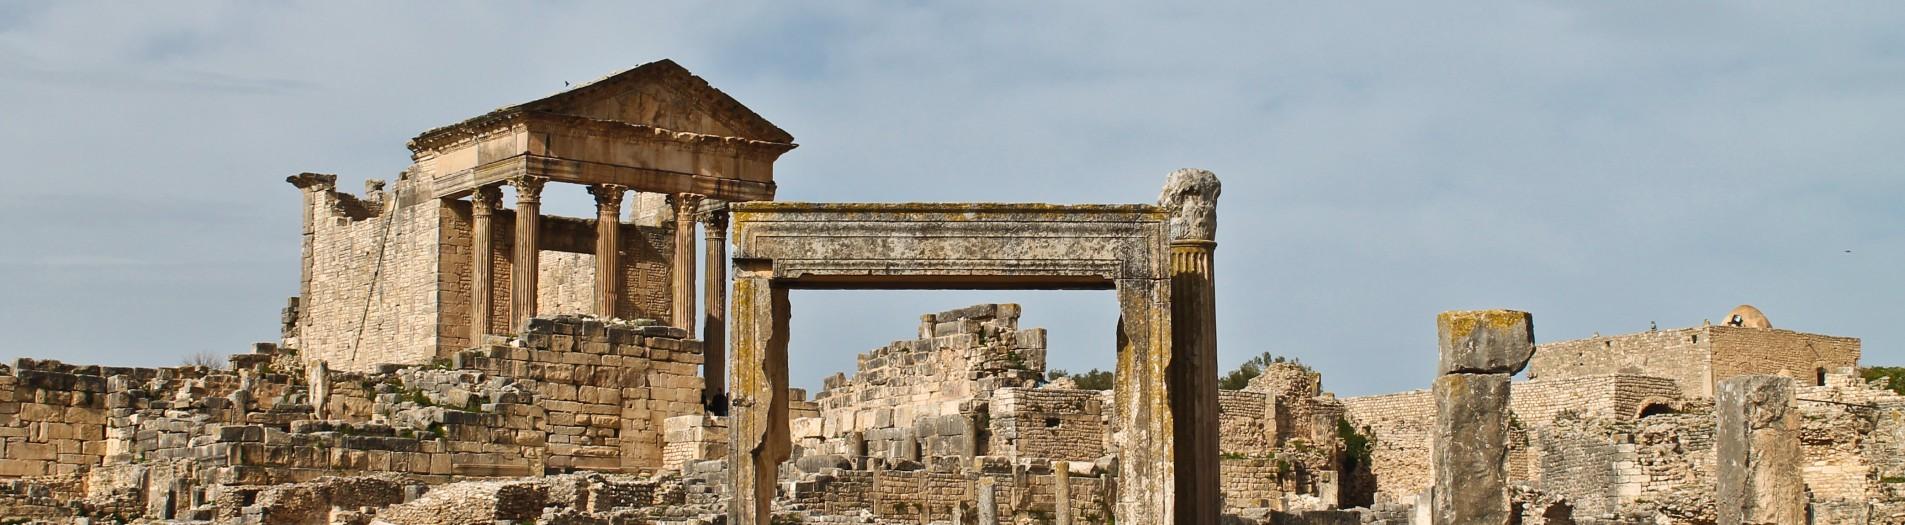 15 sites archéologiques de la Tunisie